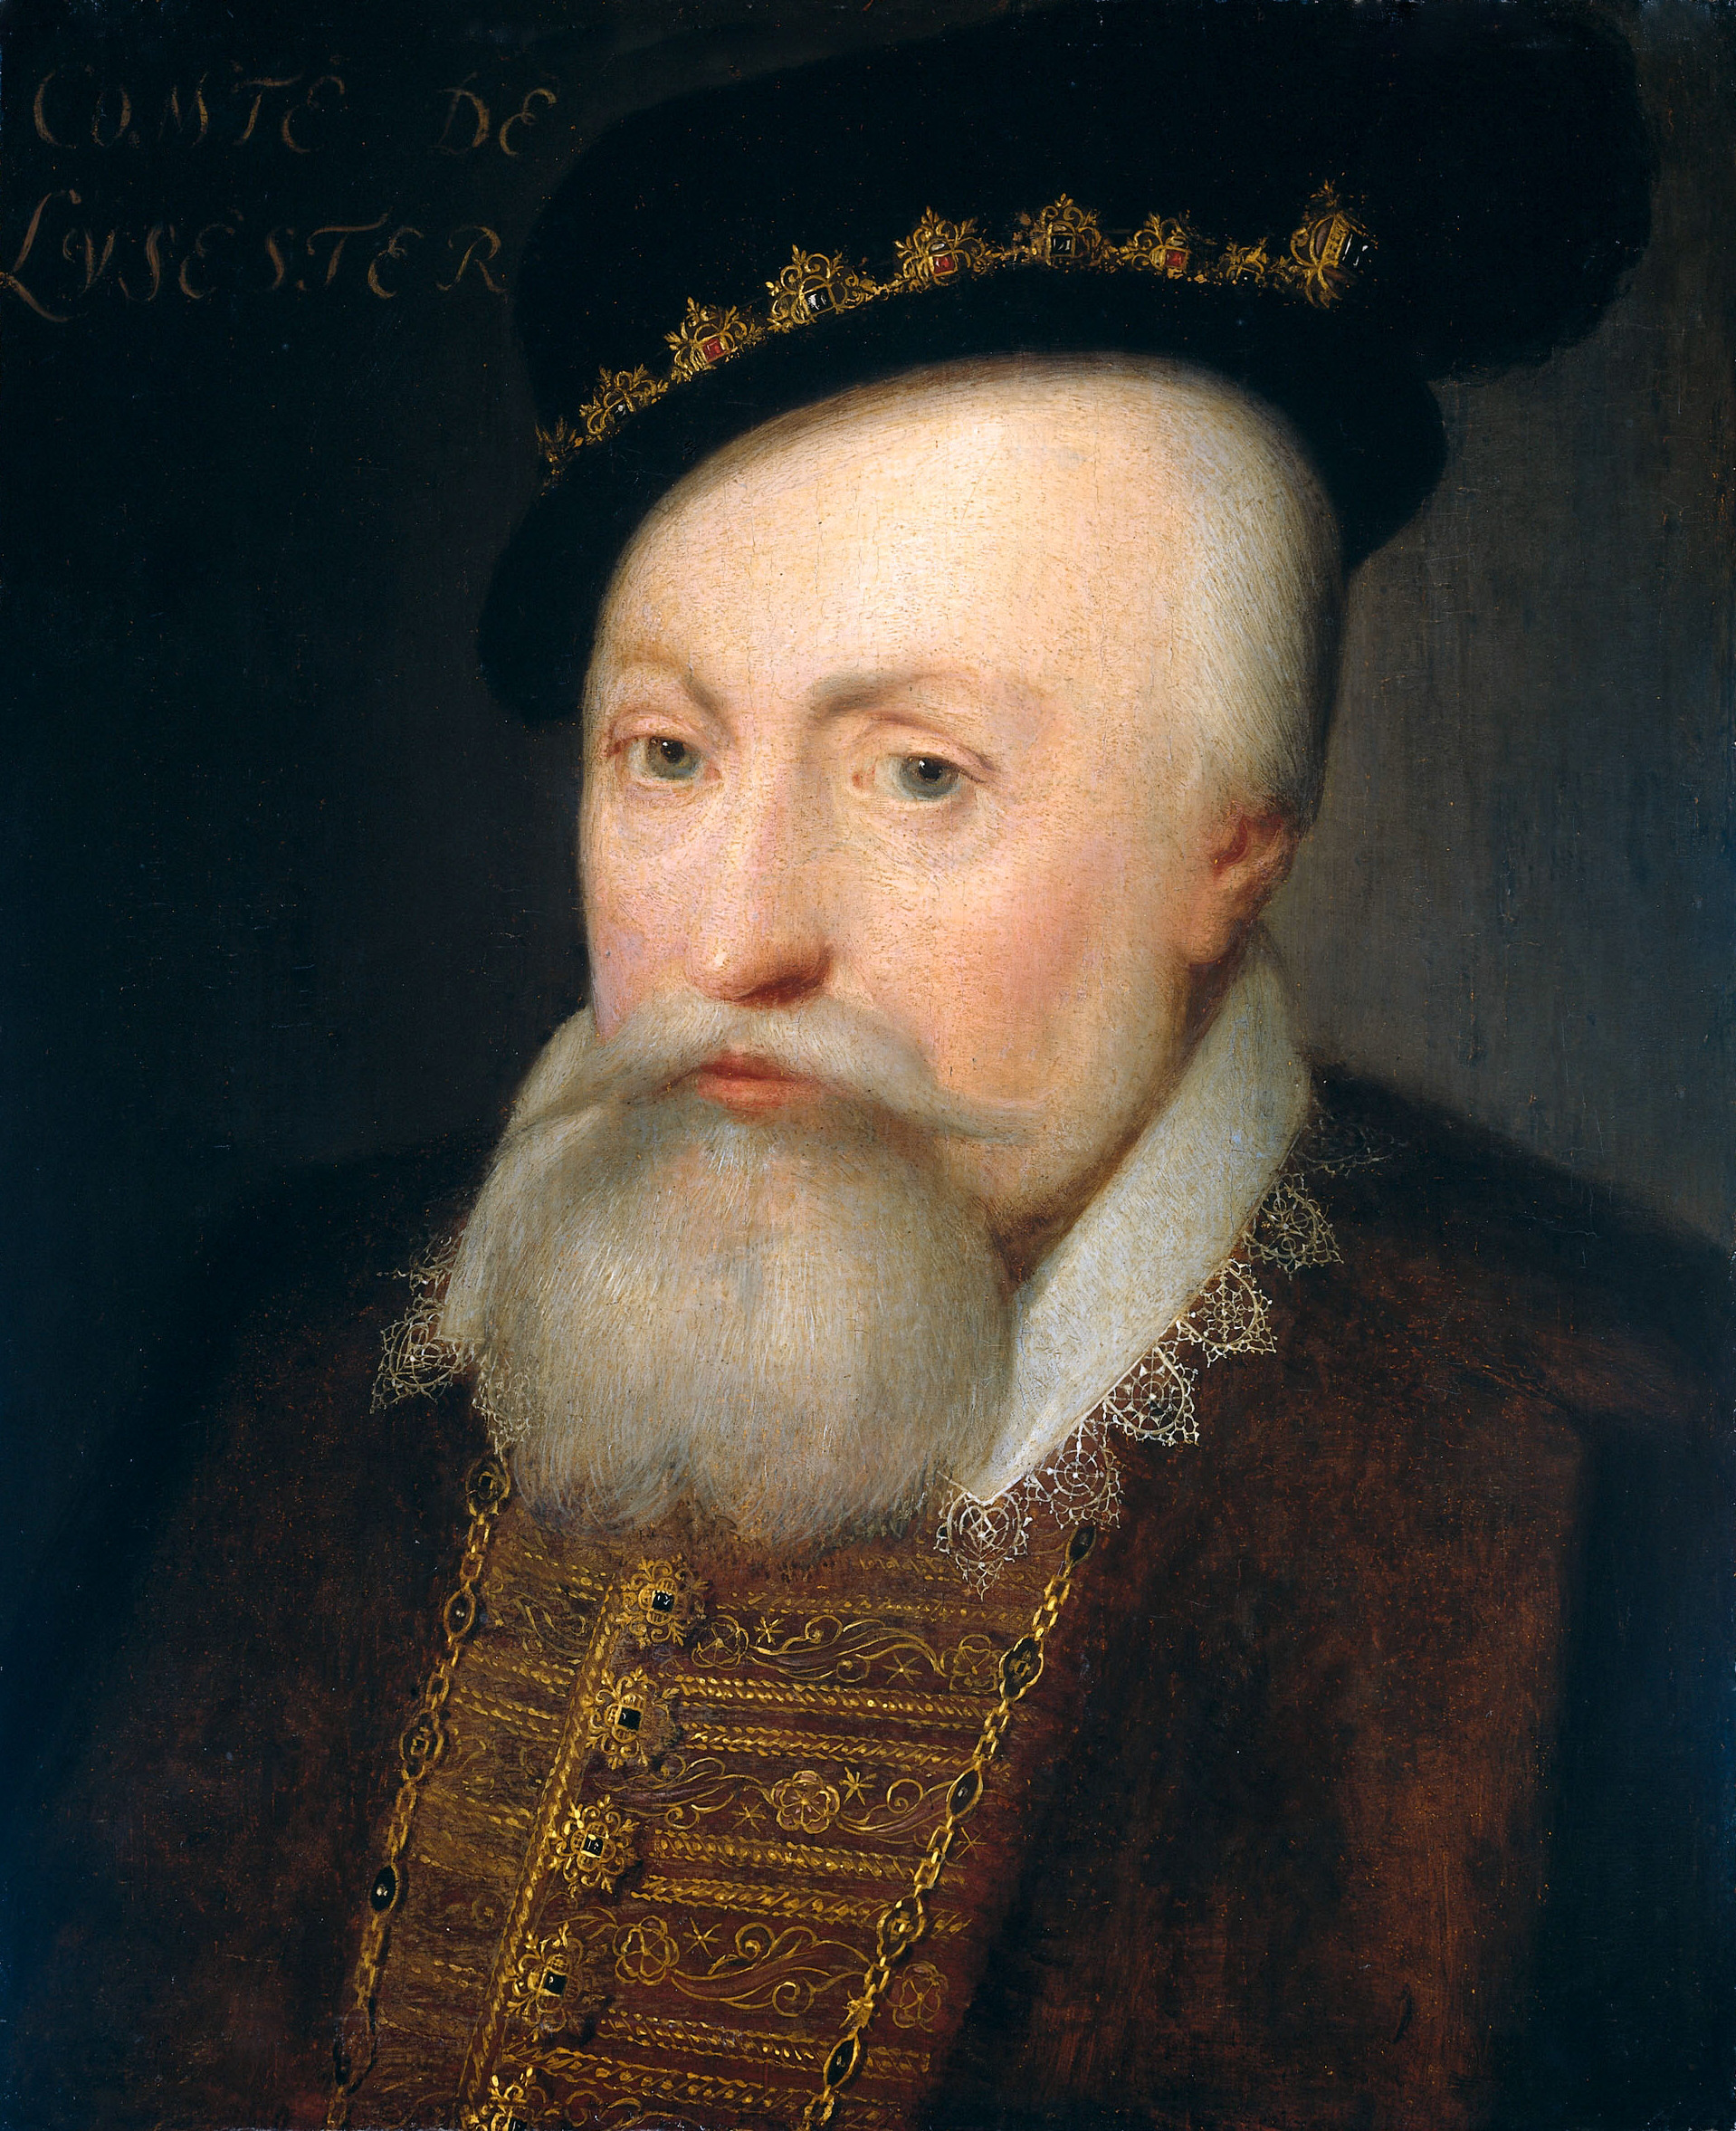 Robert Dudley Earl of Leicester - Dudley,Robert(ELeicester)11